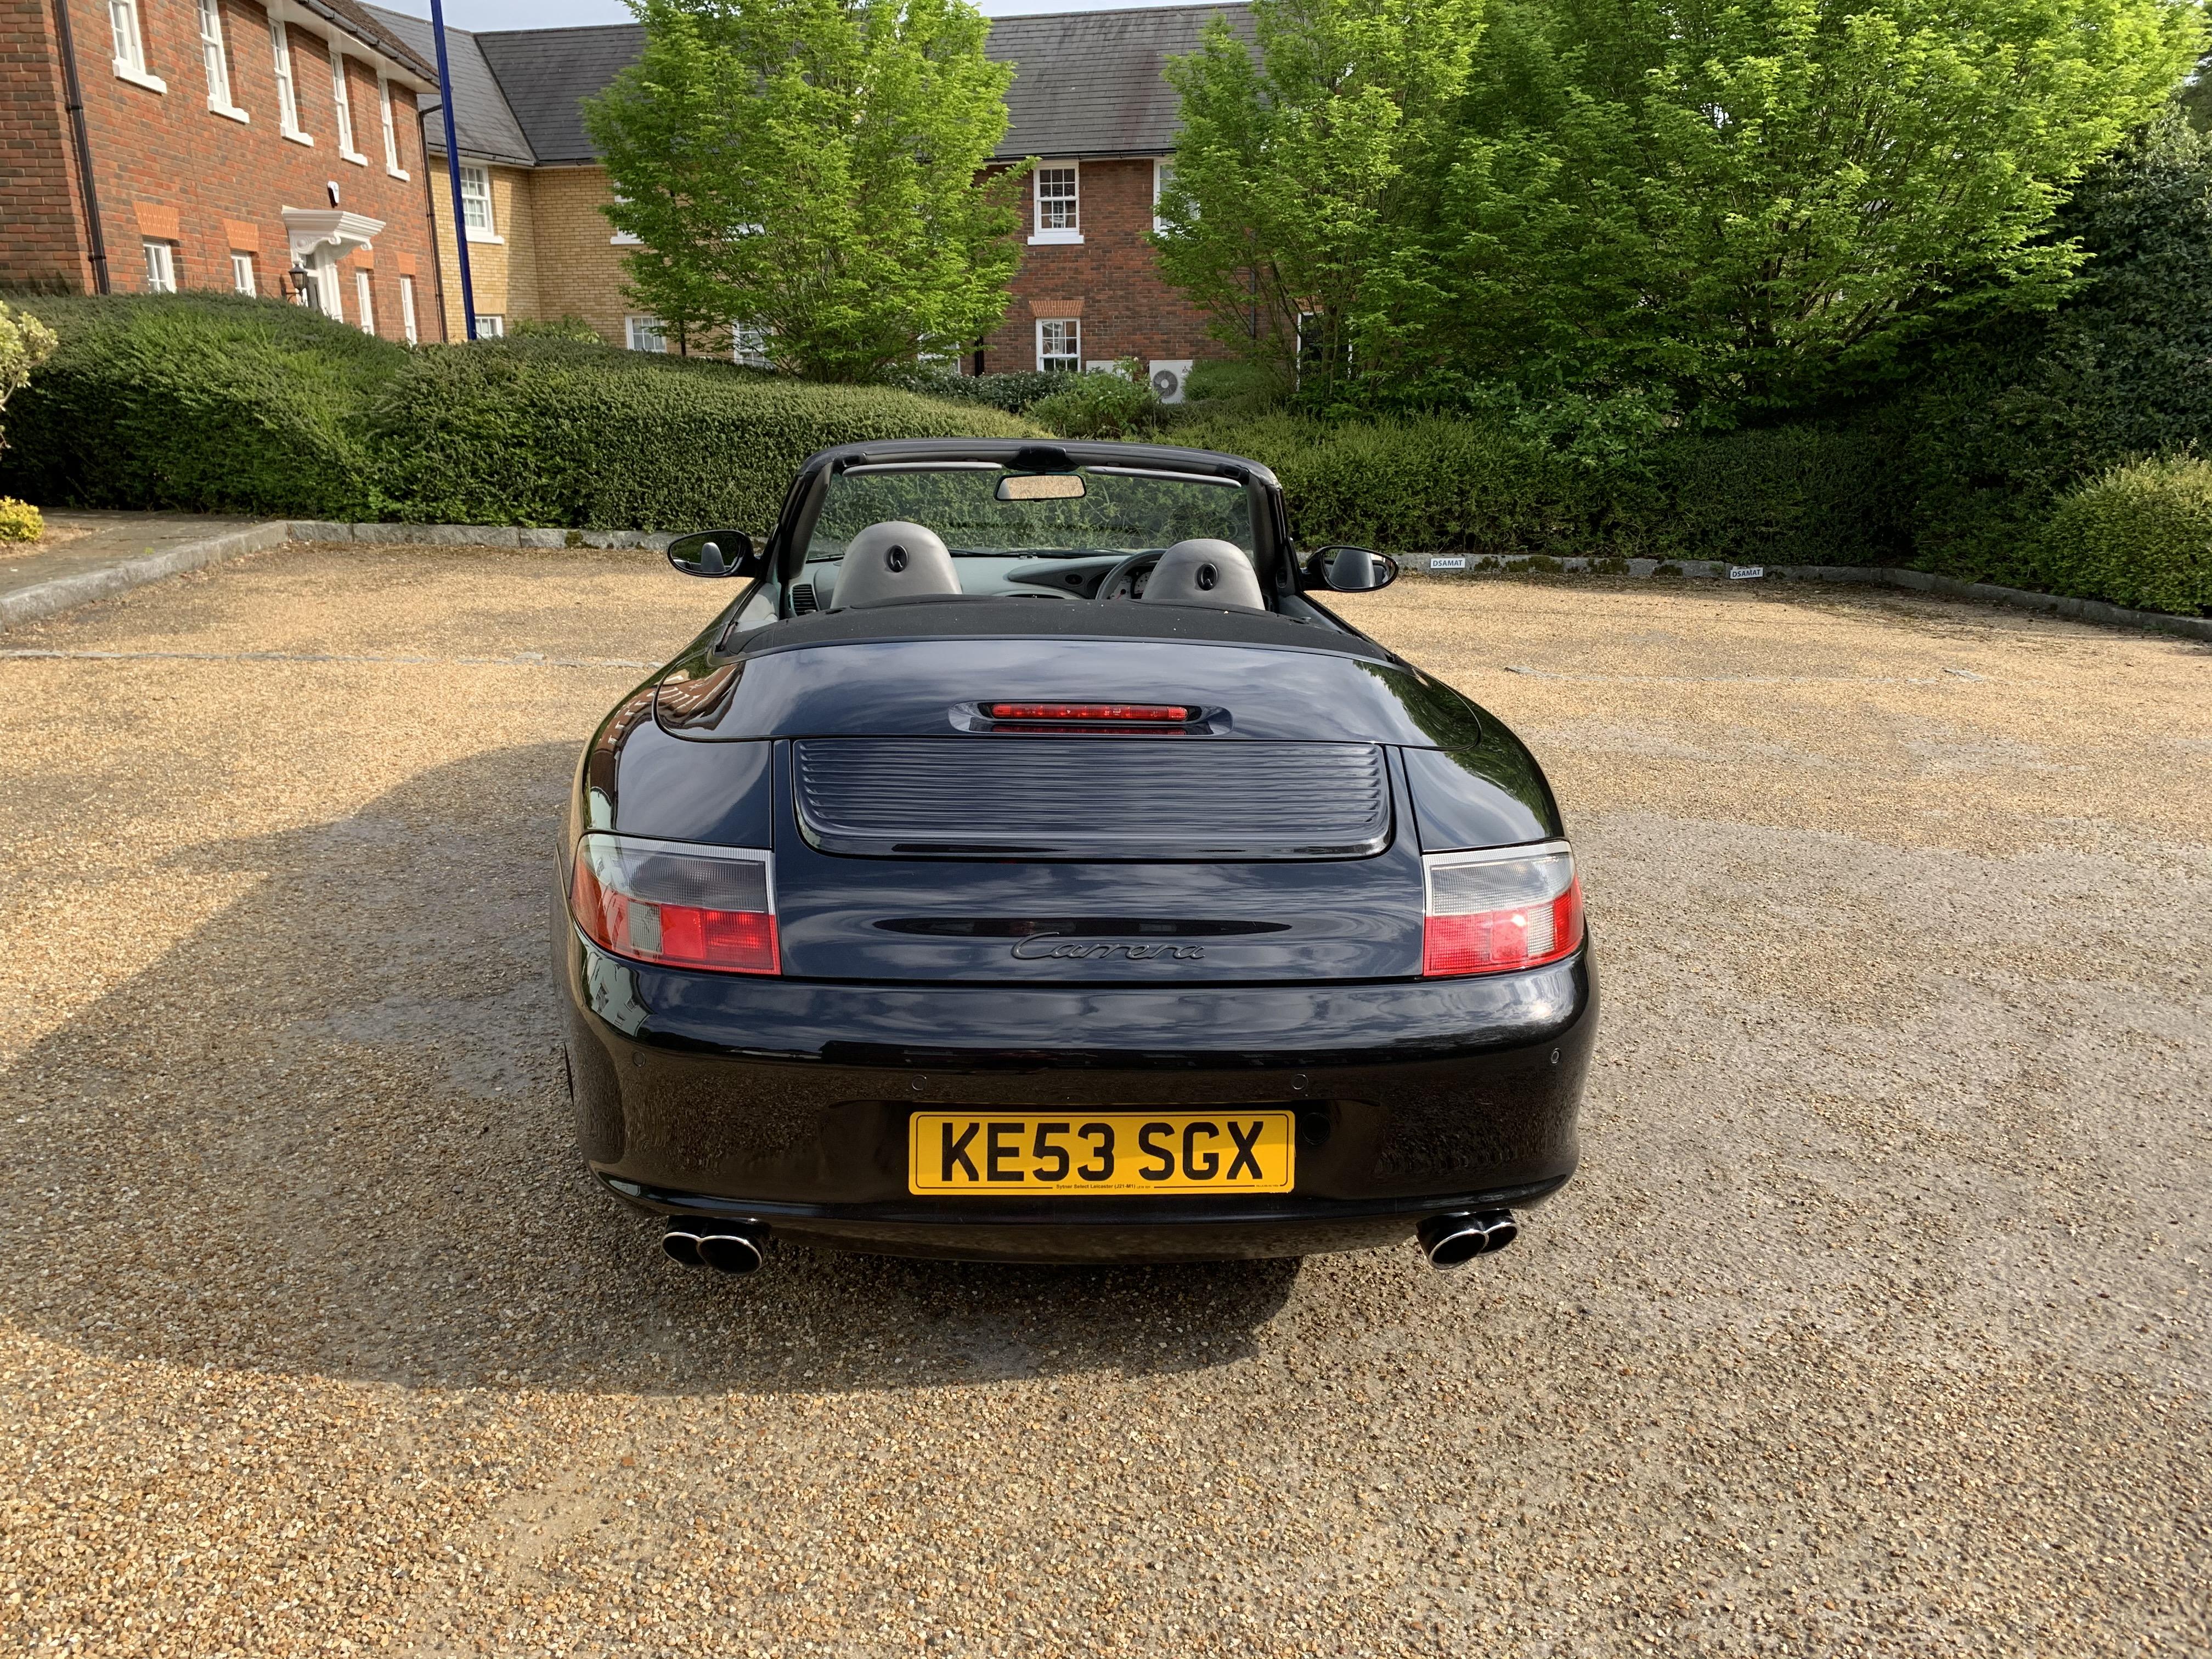 Porsche 911 + CLK55 Cab 071